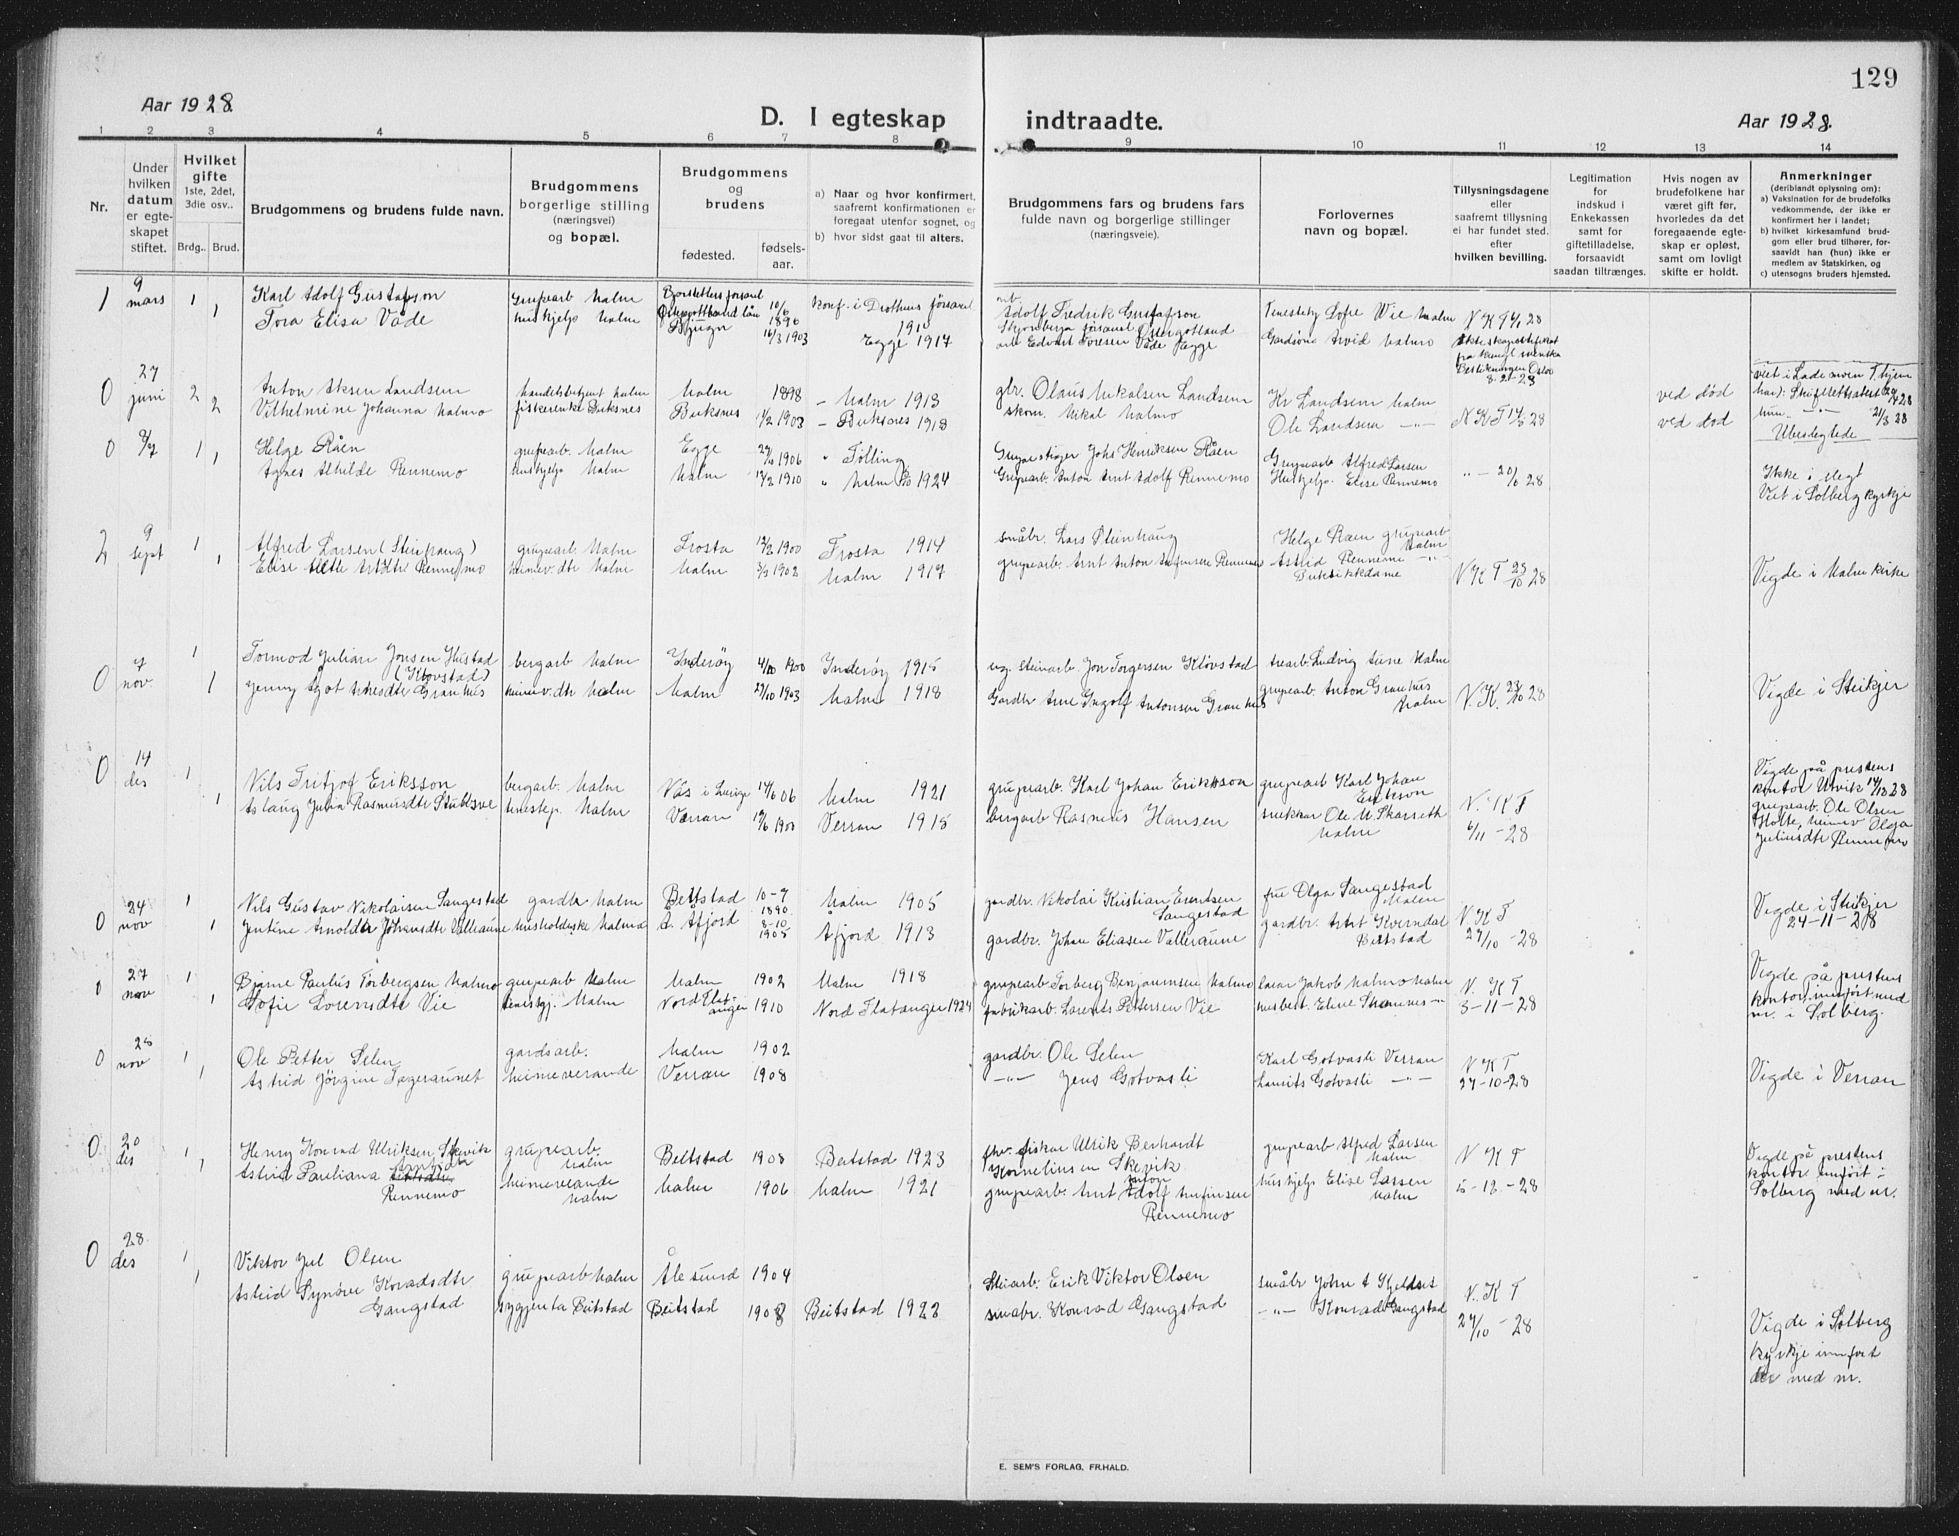 SAT, Ministerialprotokoller, klokkerbøker og fødselsregistre - Nord-Trøndelag, 745/L0434: Klokkerbok nr. 745C03, 1914-1937, s. 129